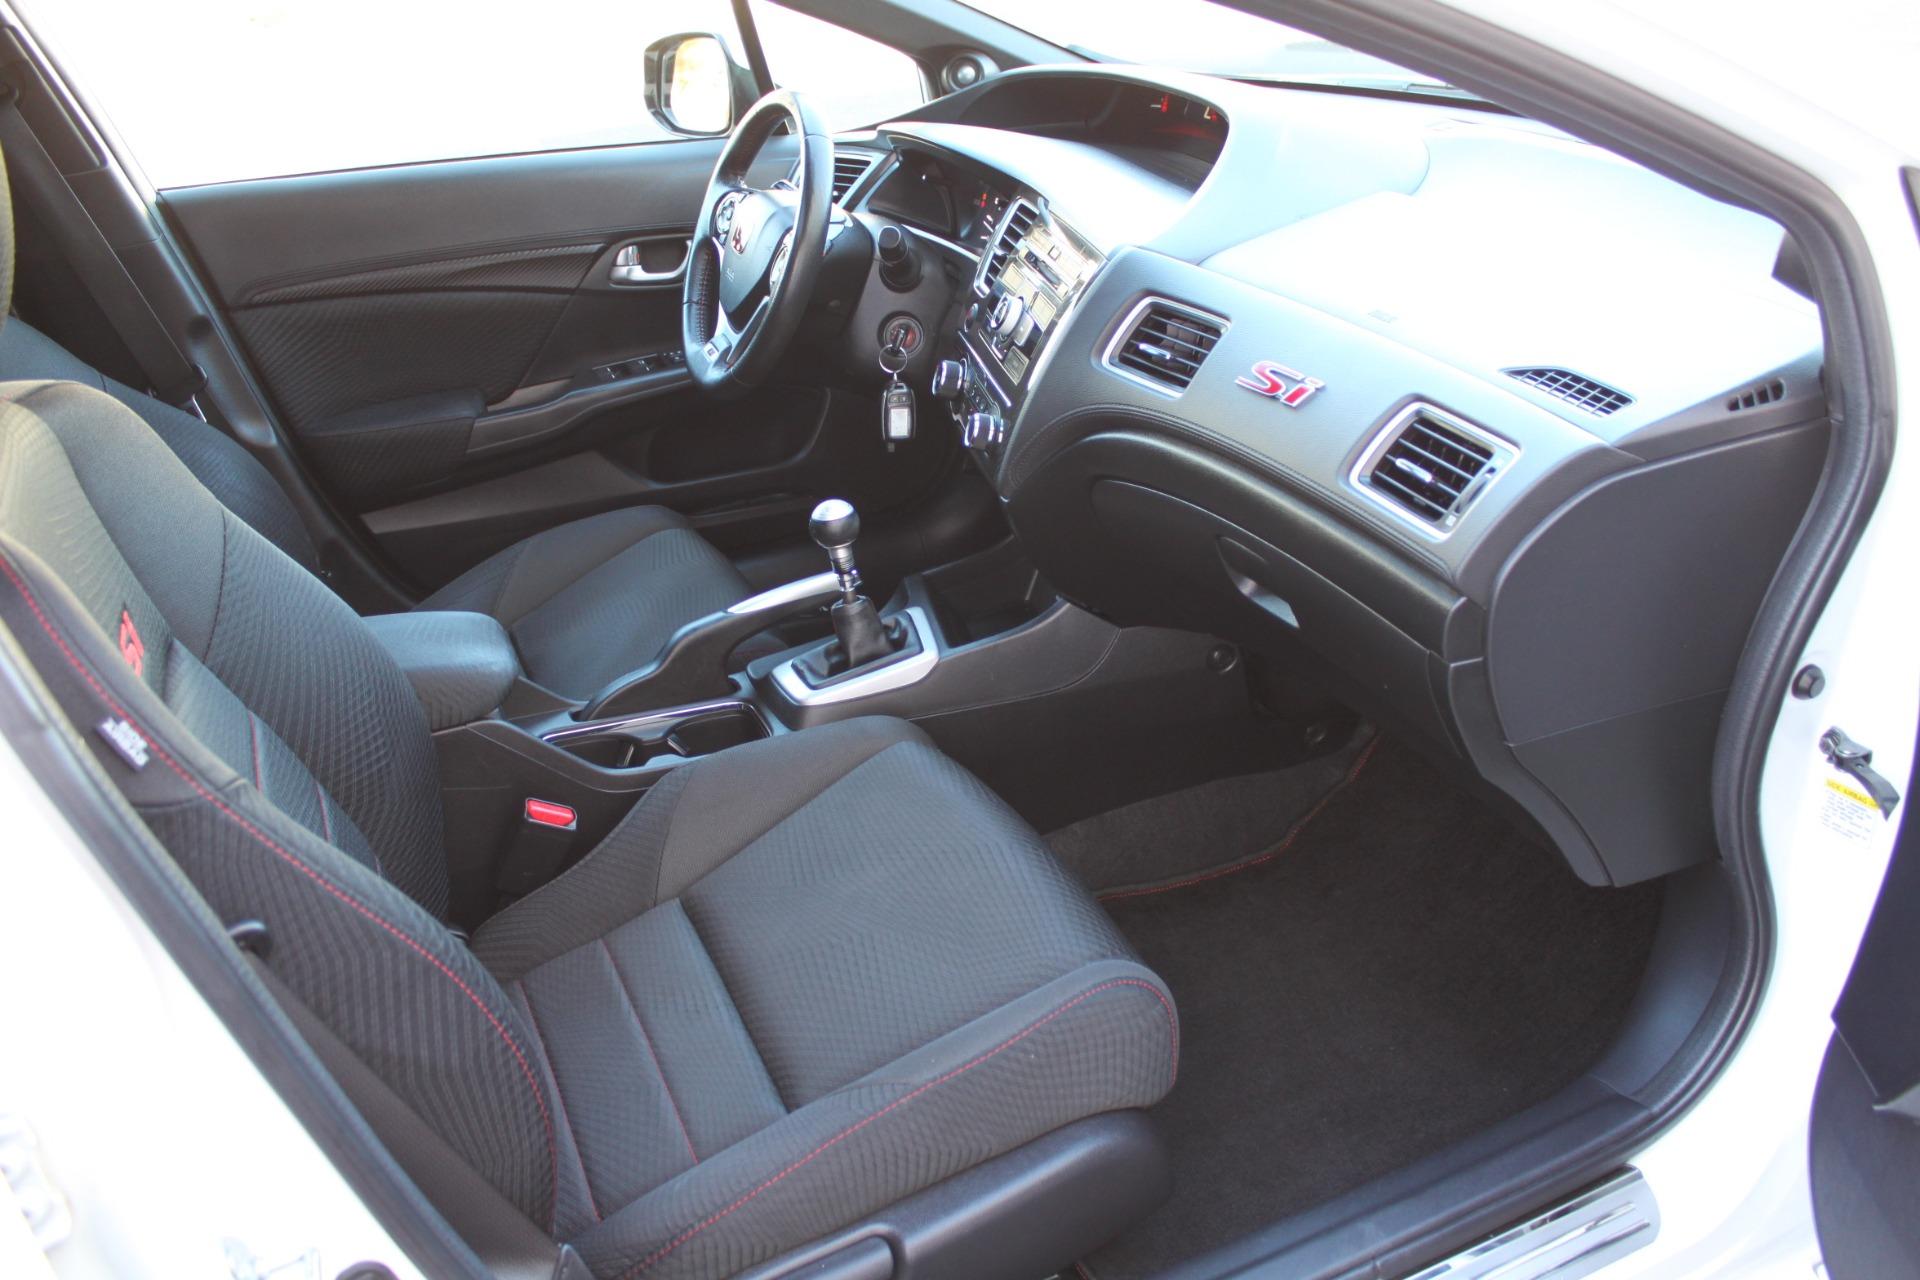 Used-2013-Honda-Civic-Sedan-Si-Chrysler